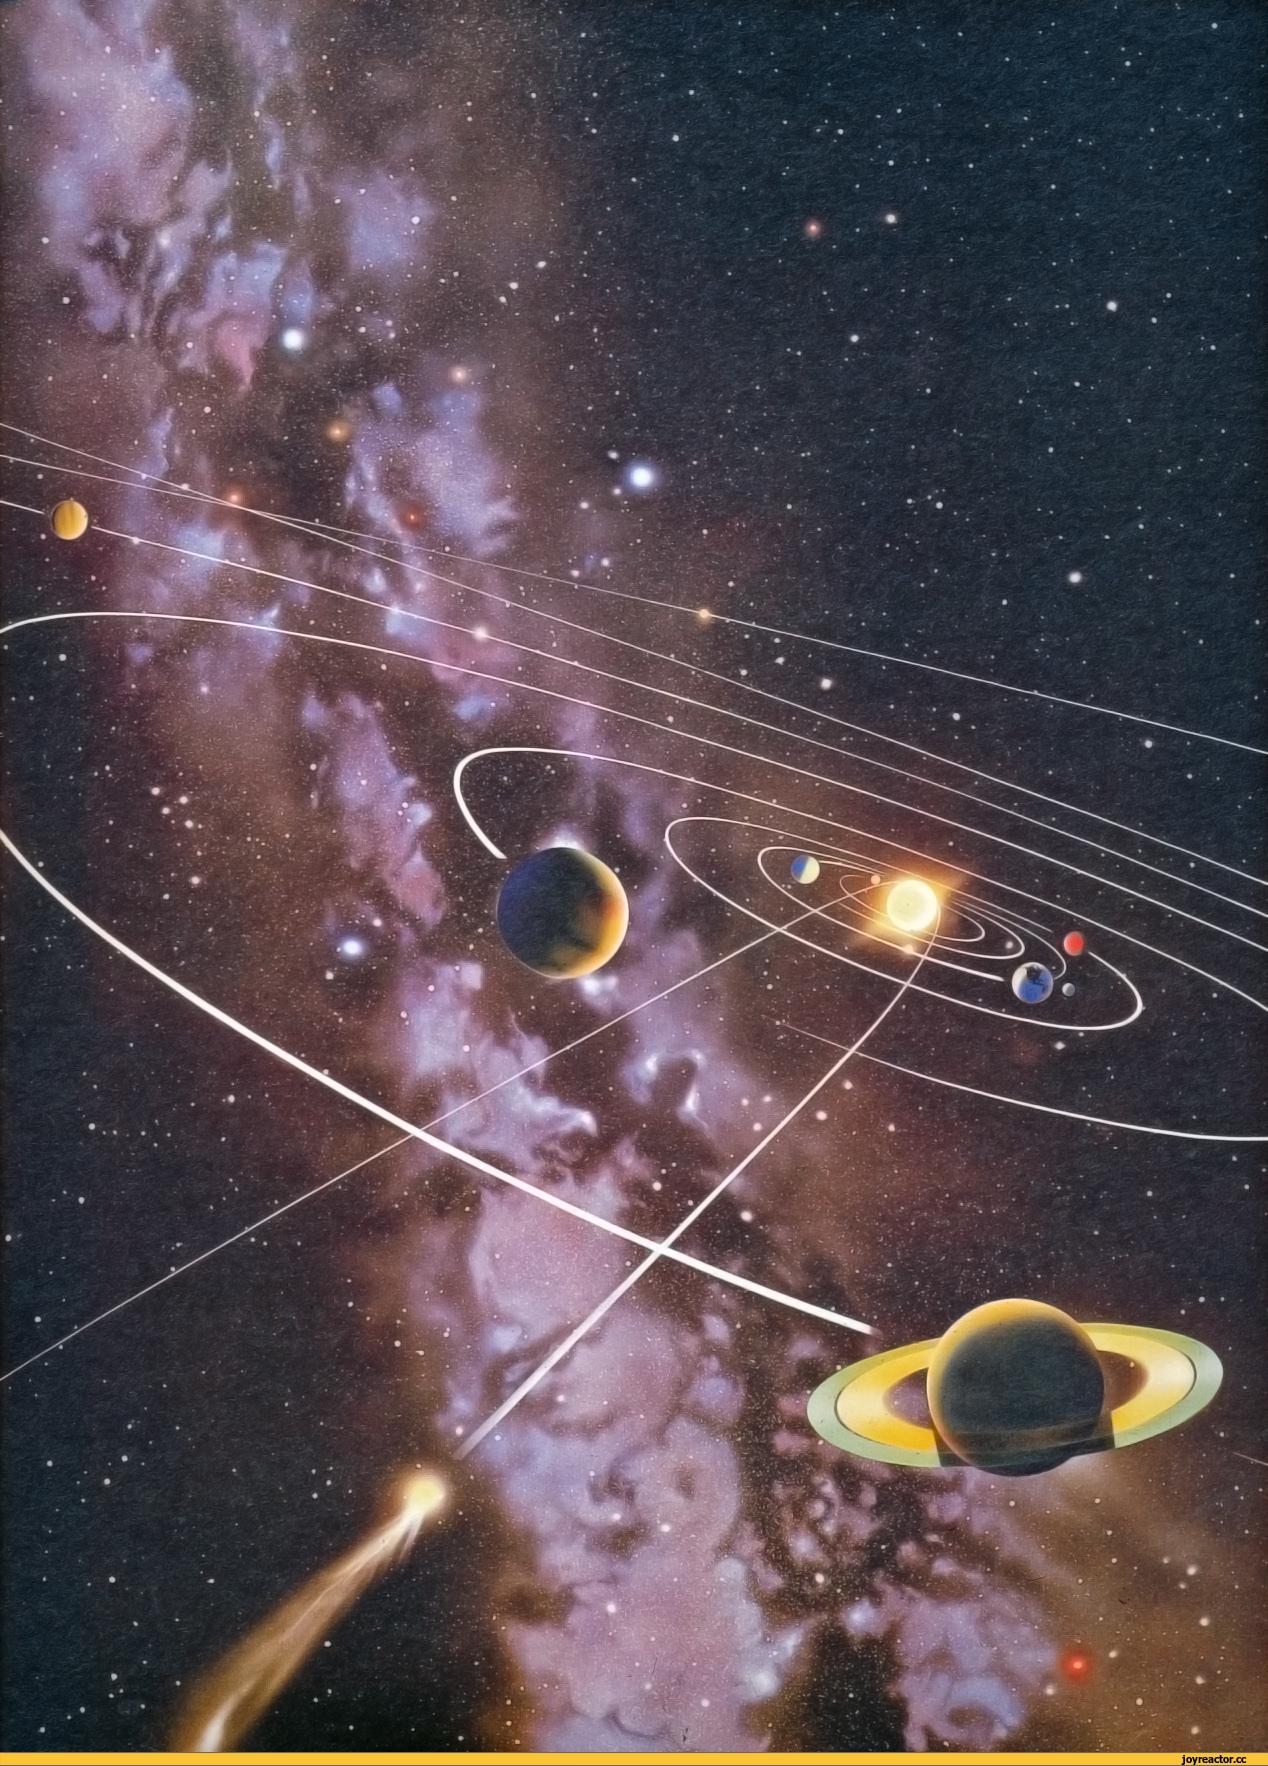 фото планет солнечной системы космоса рекордсмена, который